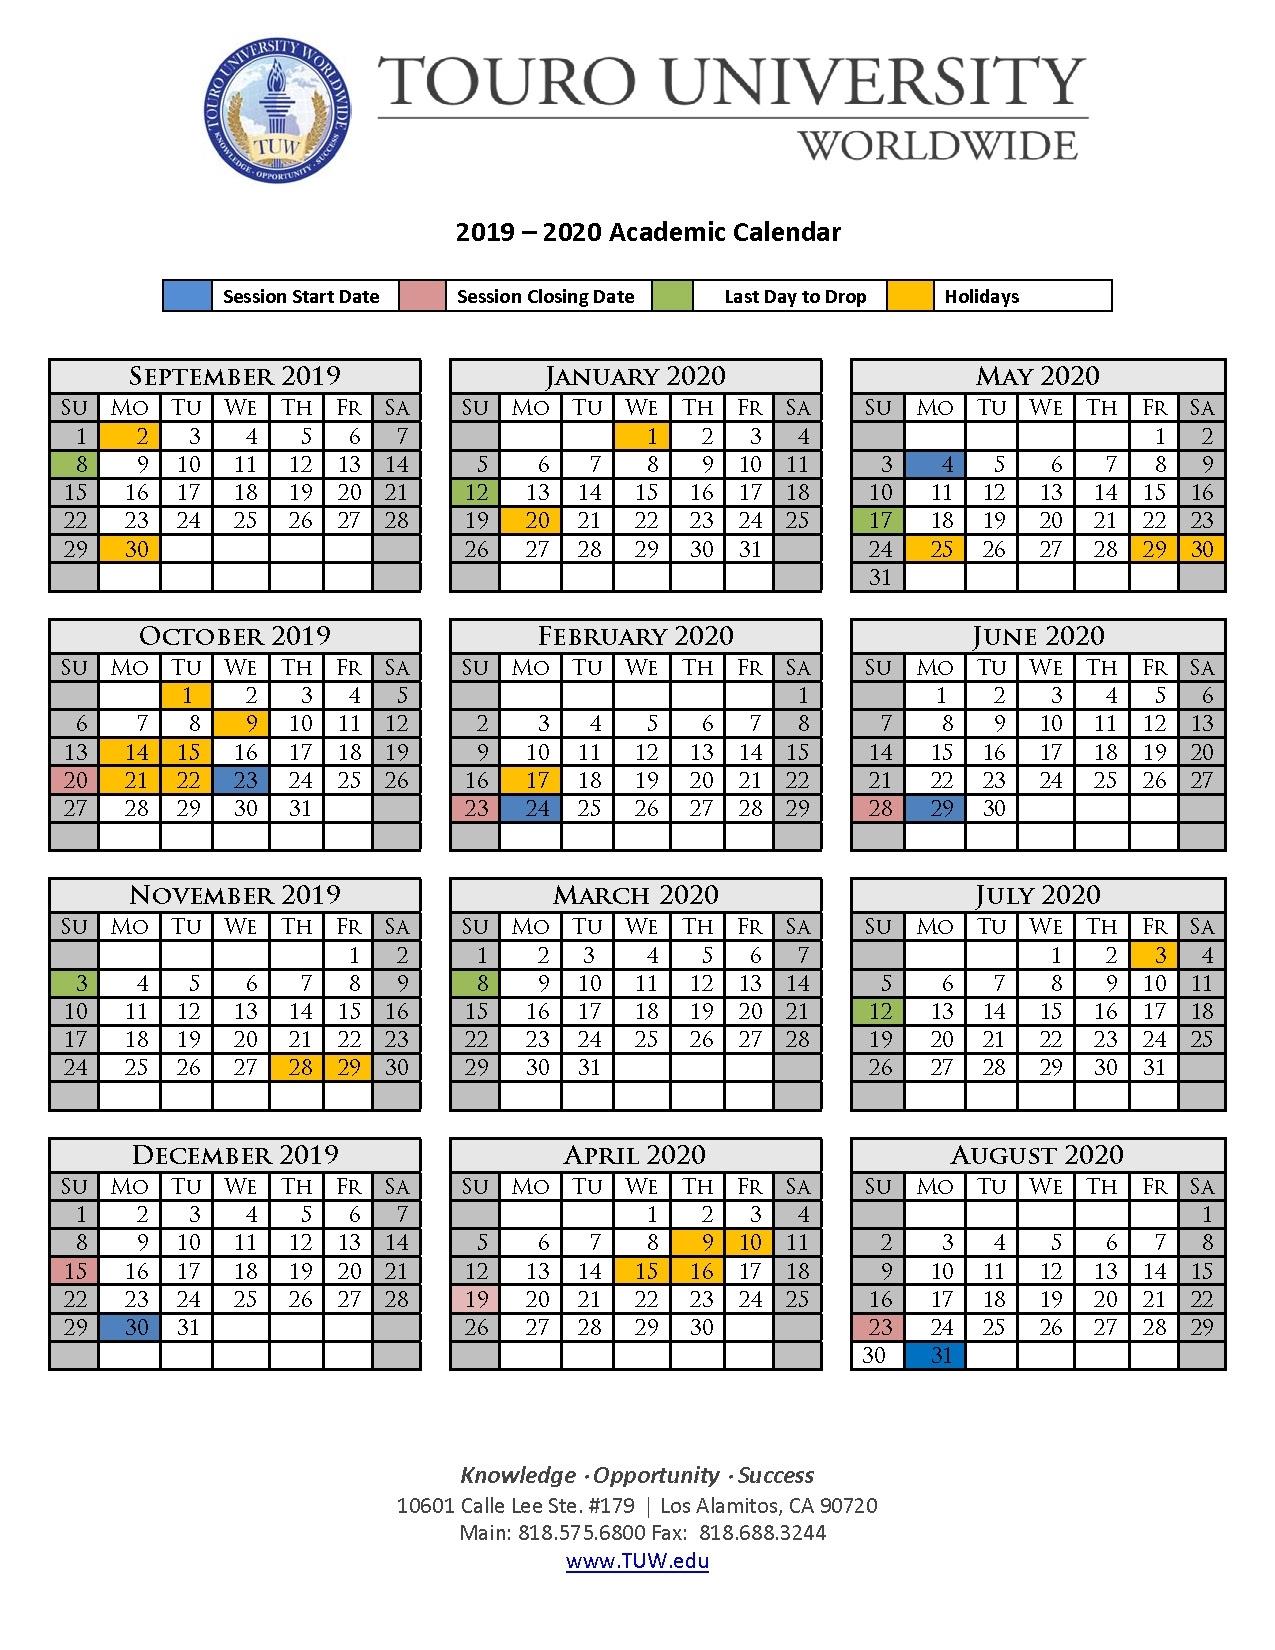 Sjsu Academic Calendar 2022 2023.U O F U A C A D E M I C C A L E N D A R Zonealarm Results